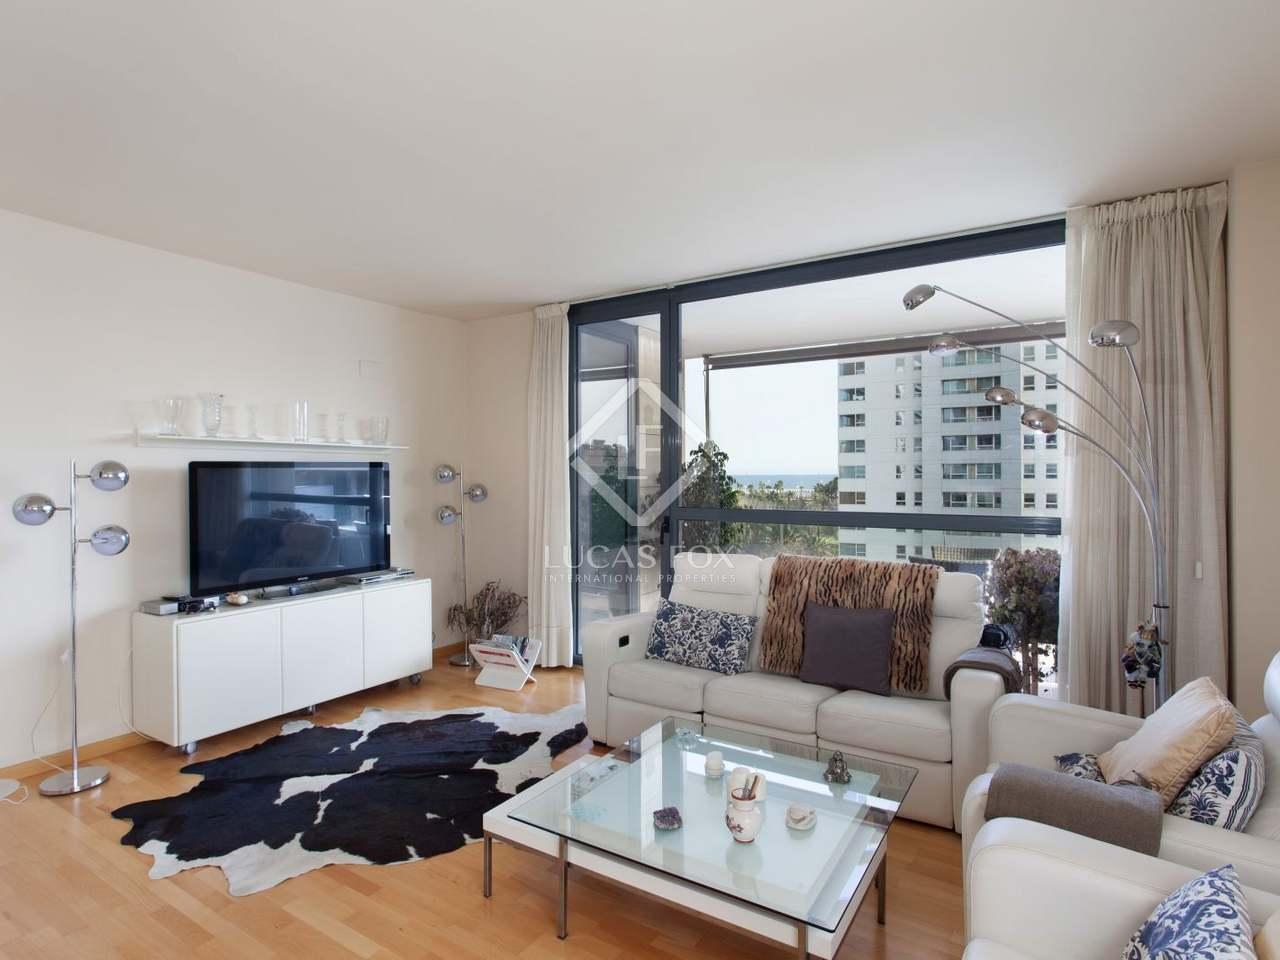 Appartement en vente diagonal mar c t de la plage sur barcelone - Appartement vente barcelone ...